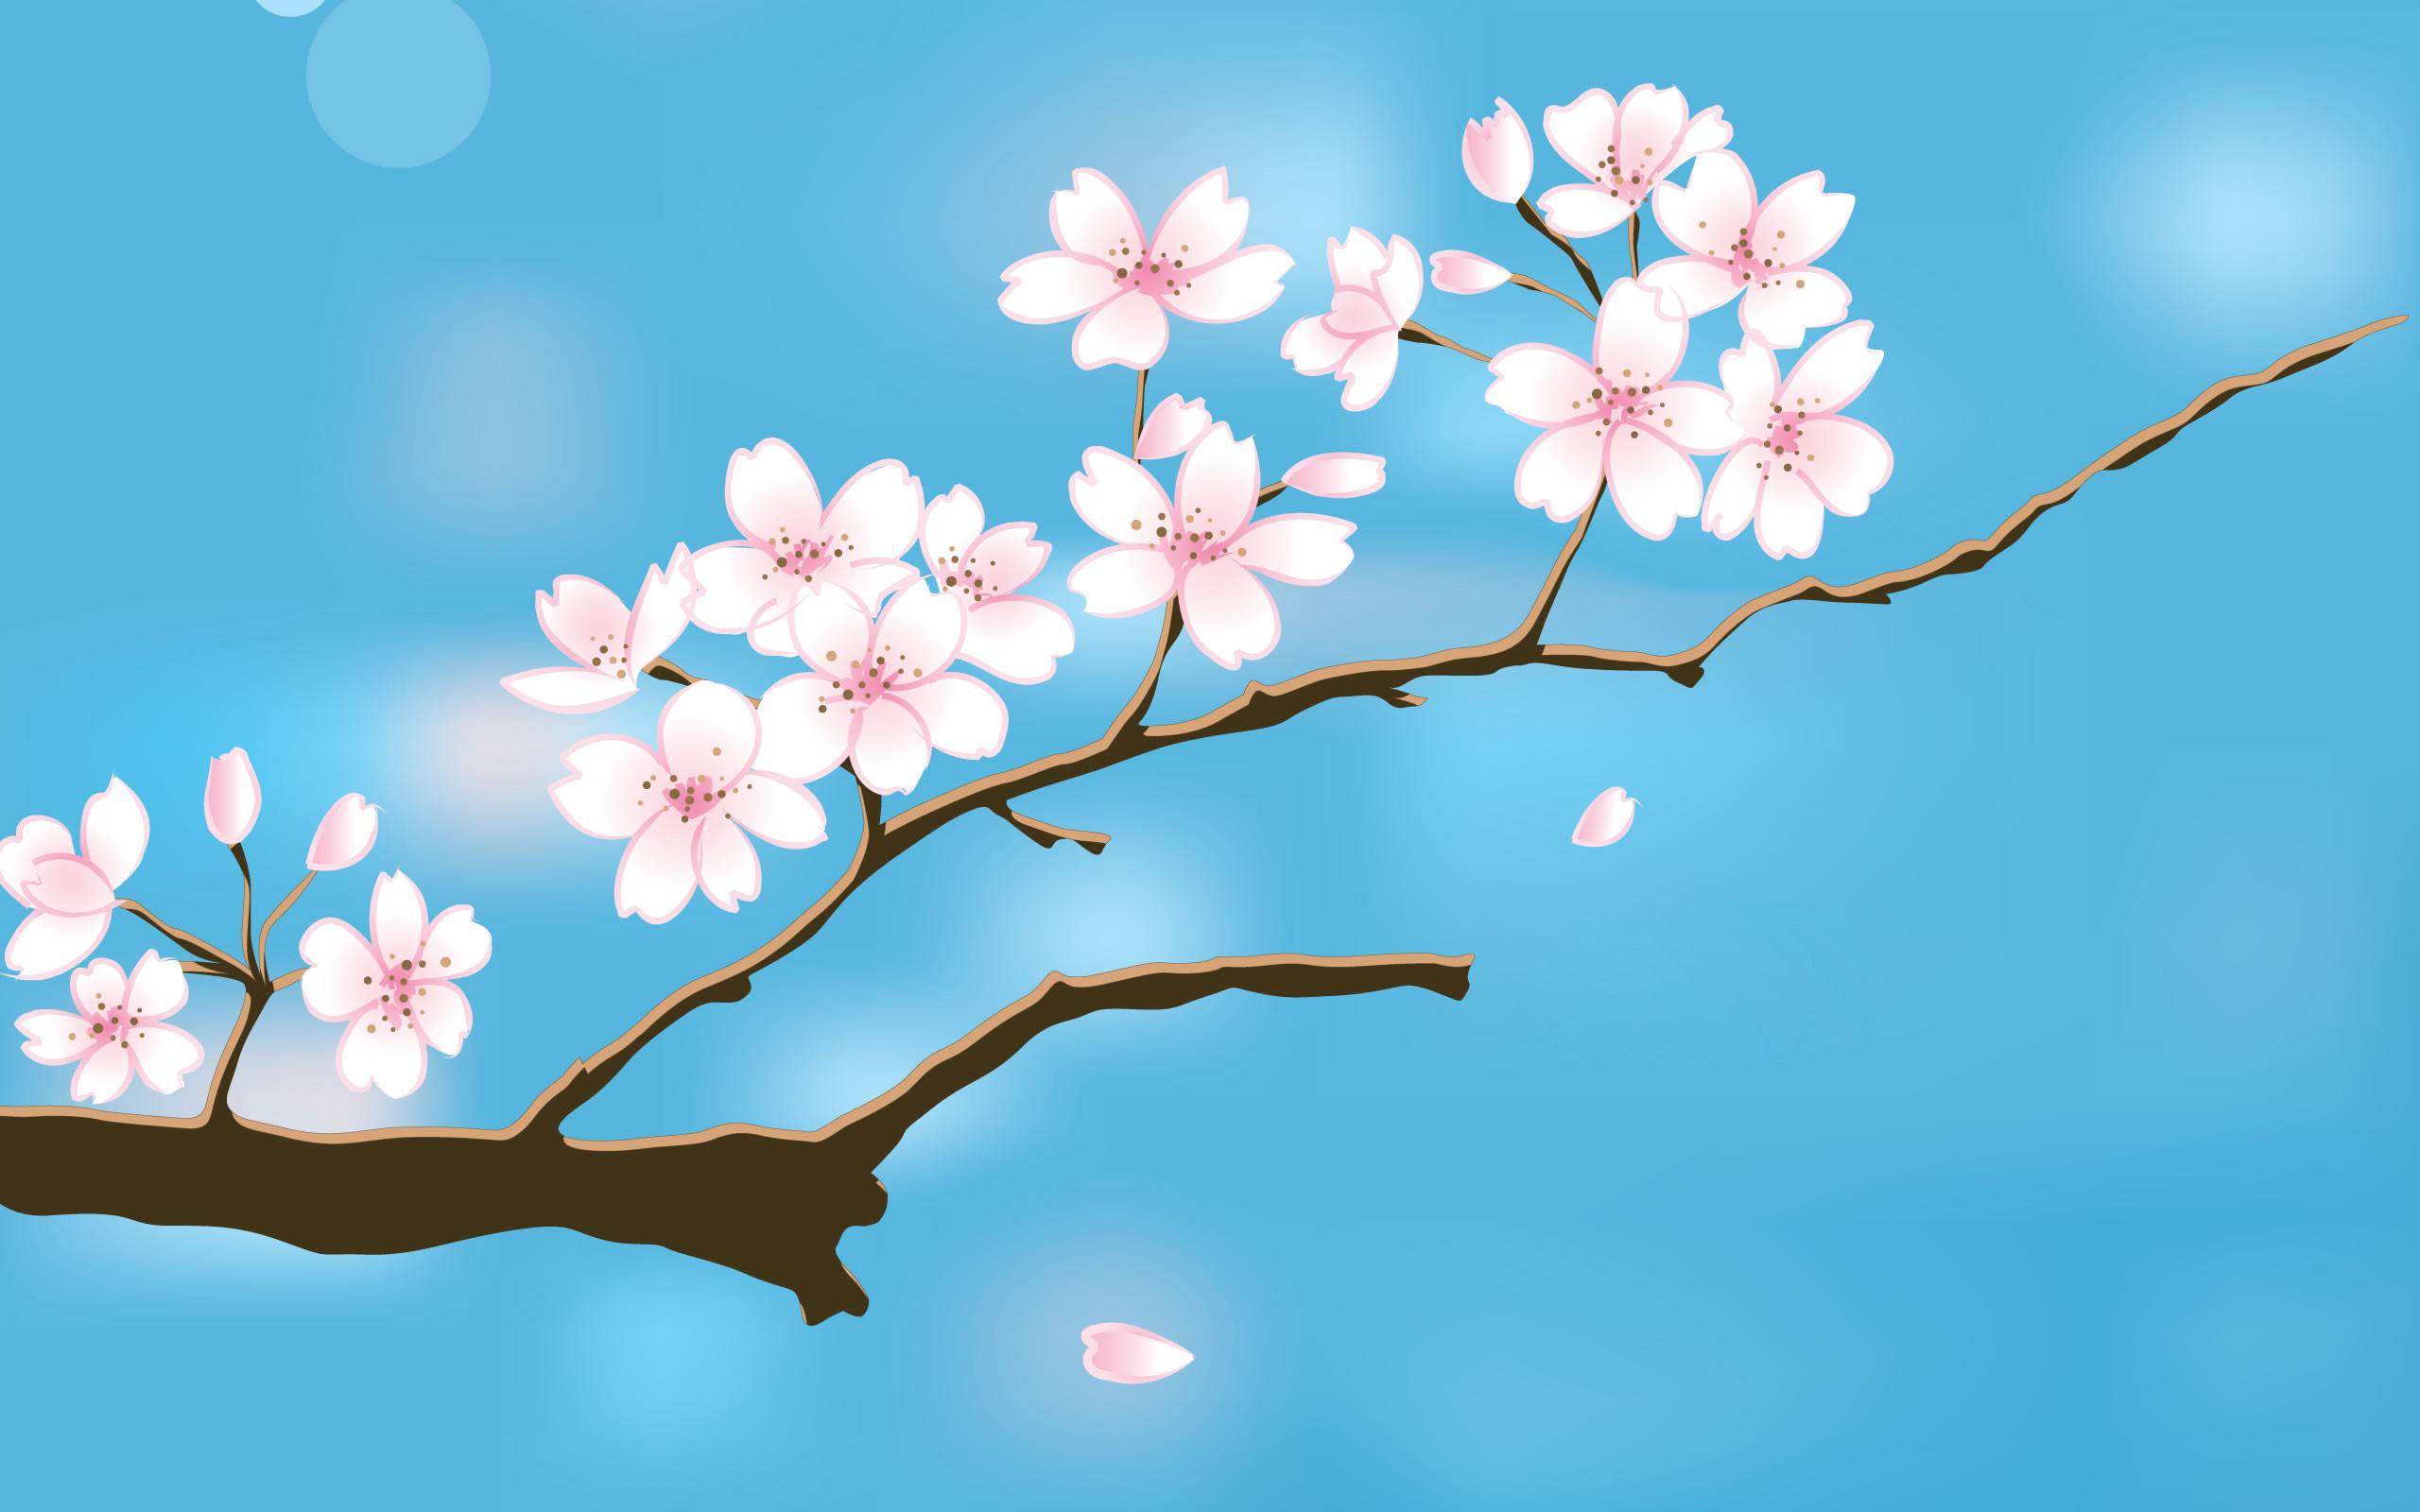 Desktop Wallpaper Spring Flowers 60 Images